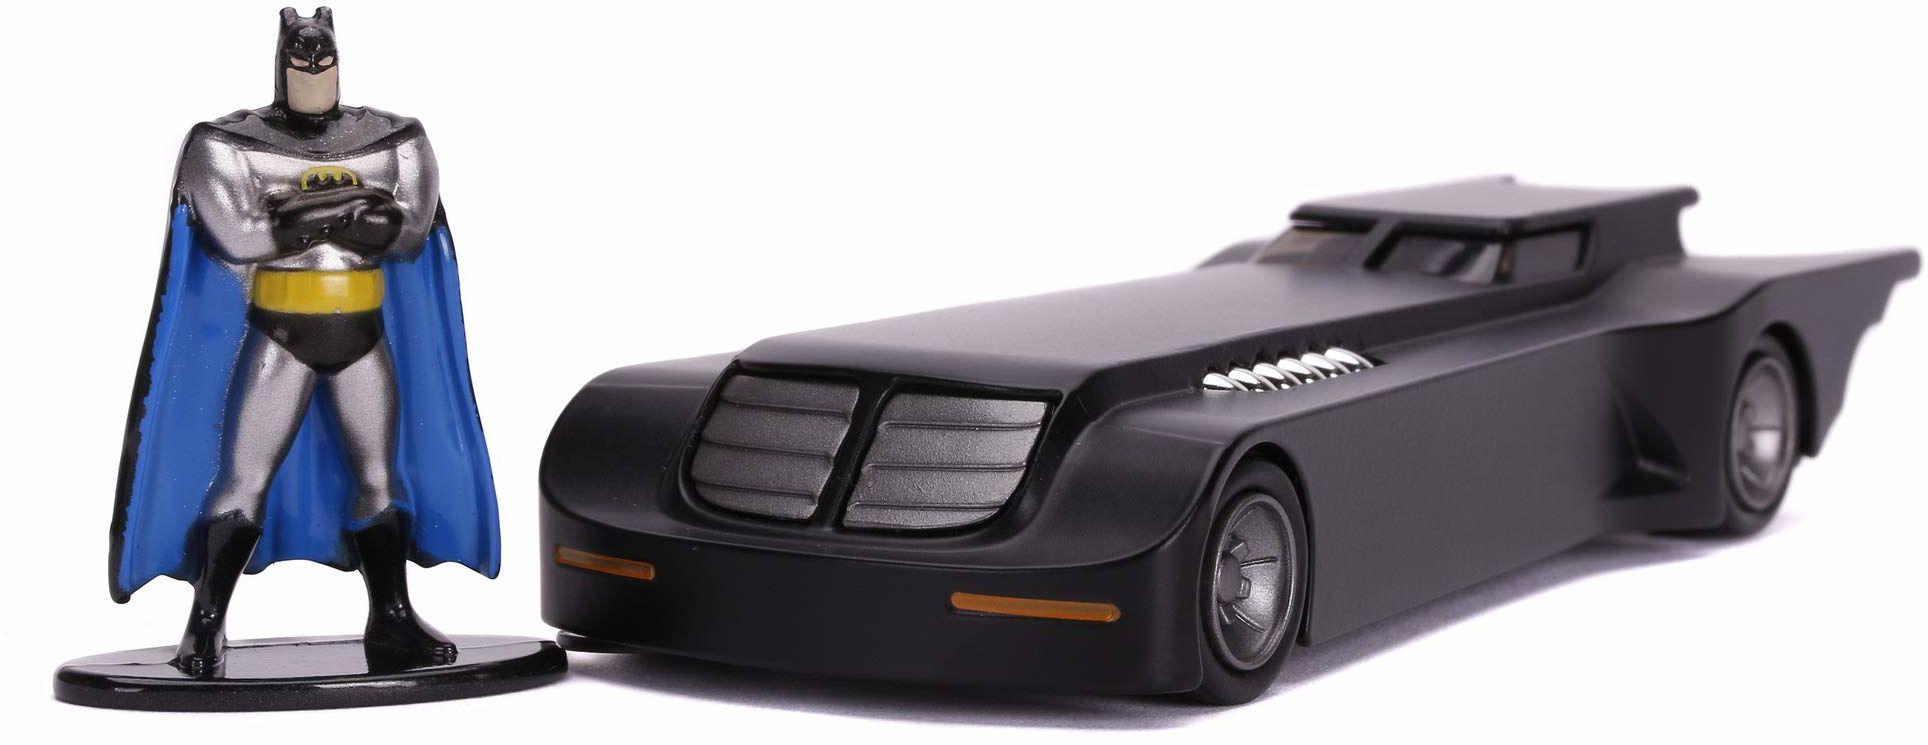 Jada Toys 253213004 Animated Series Batmobile, zabawkowy samochód, otwierane drzwi, Die-Cast, wraz z figurką Batmana, skala 1:32, czarny